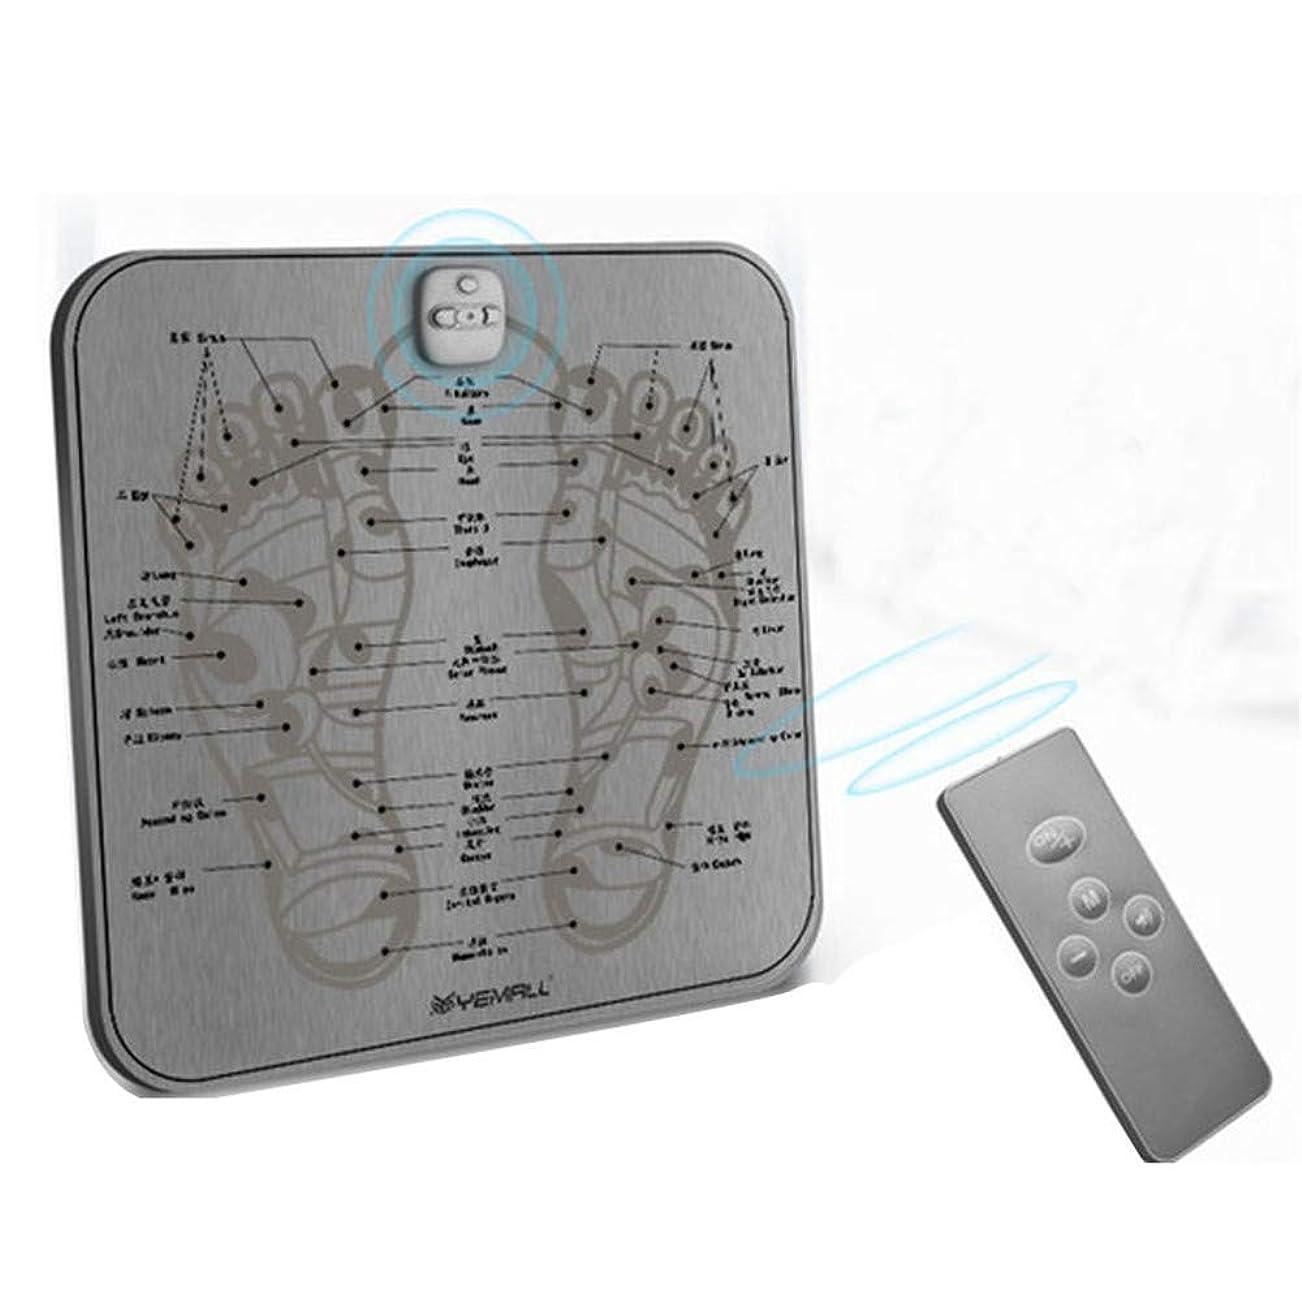 ワイヤー常習者整理するEMSフットマッサージャー、USB充電式折りたたみ携帯用電気マッサージマットエレクトリックフットマッサージャー電子筋肉刺激調節可能な6モード